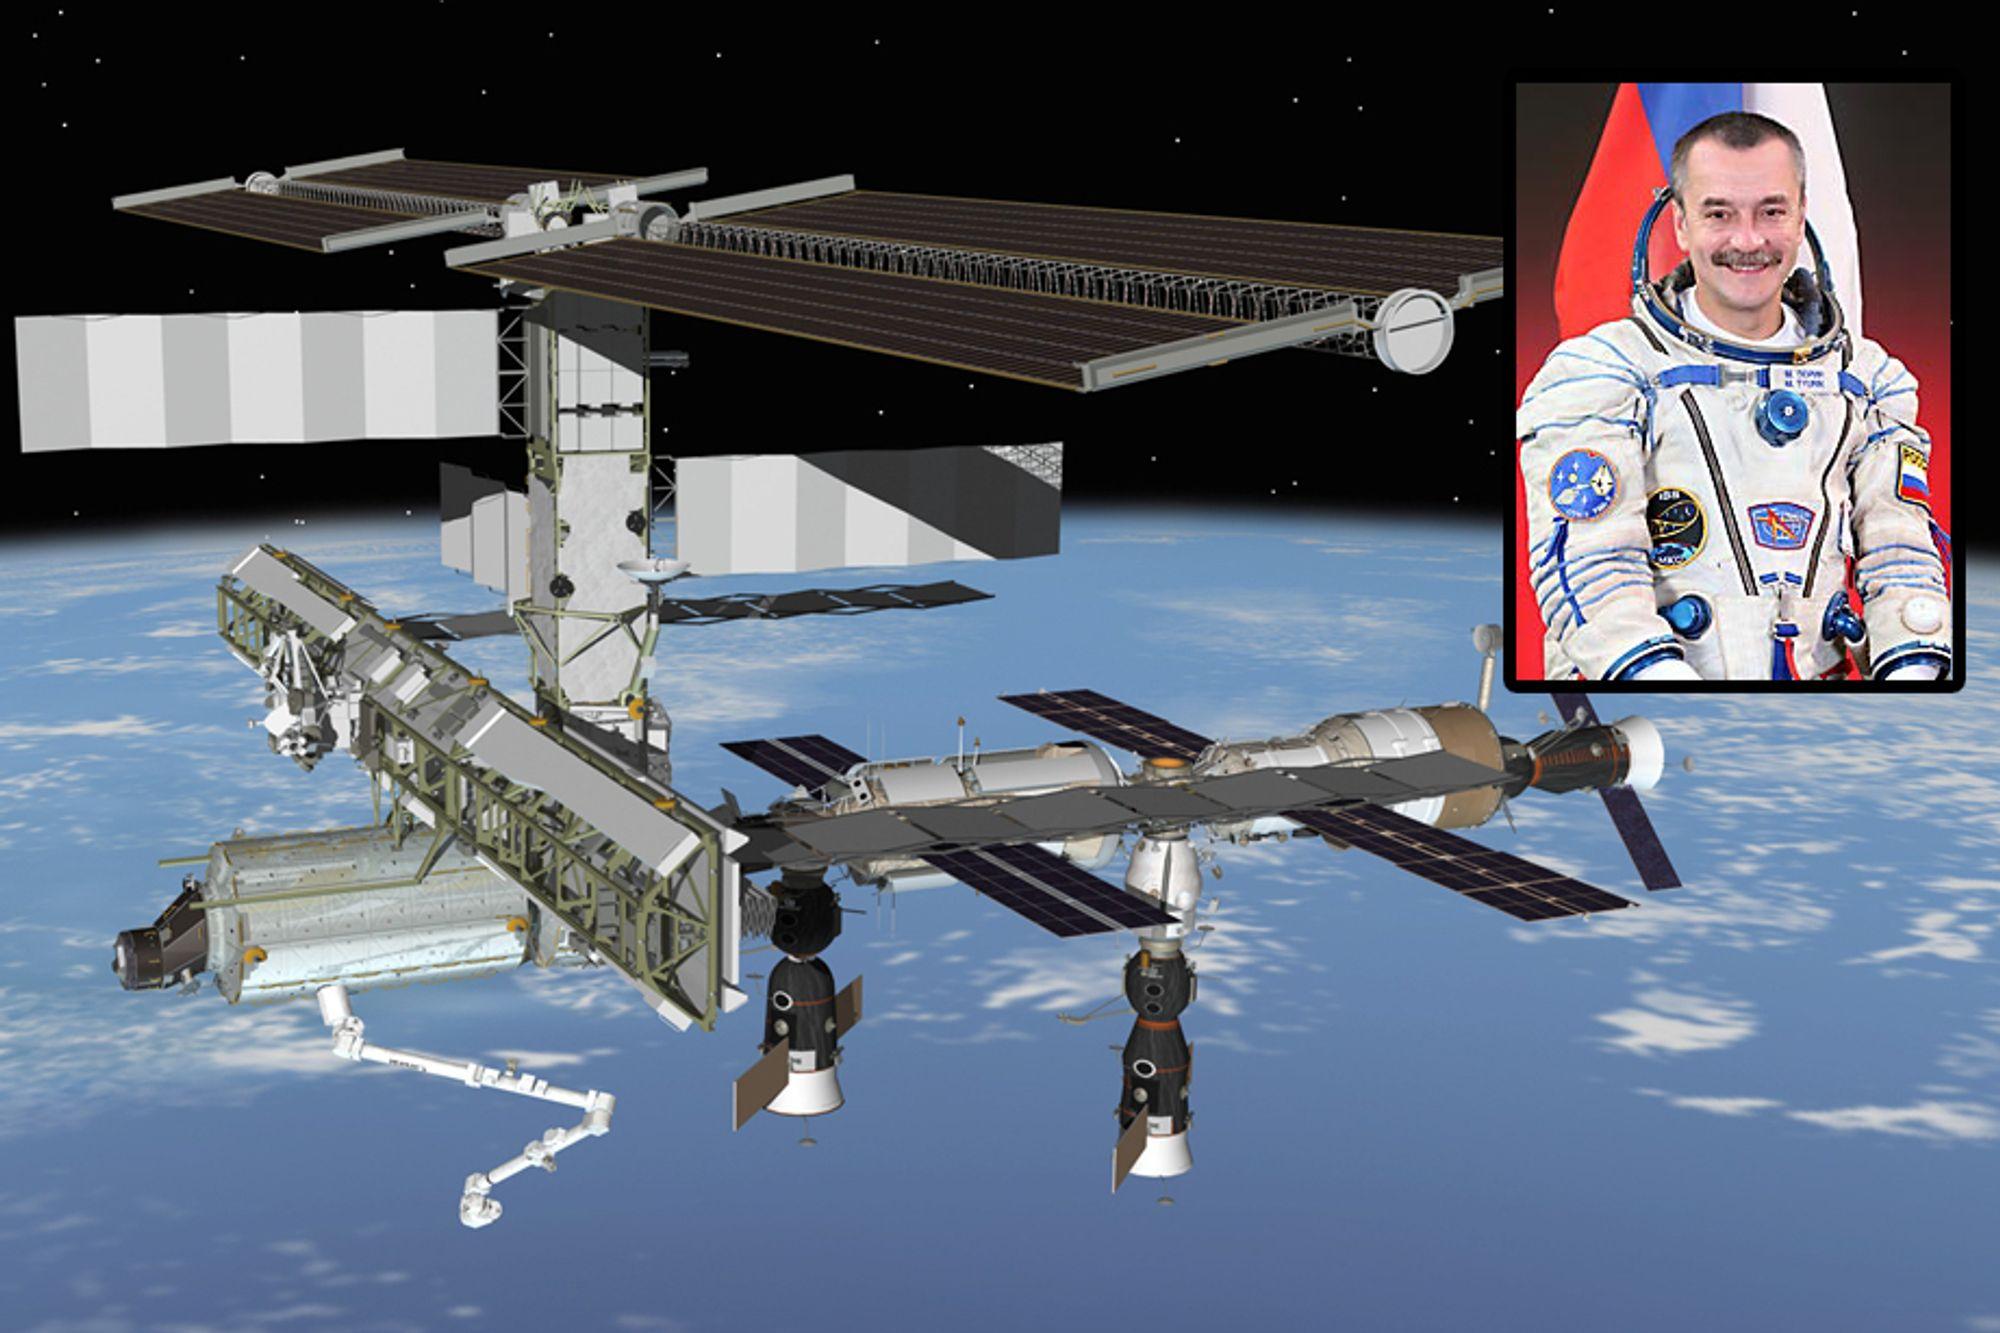 Golfprodusenten Element 21 betalte den russiske romfartsorganisasjonen godt for Mikhail Tyurins (innfeldt) PR-slag fra ISS.